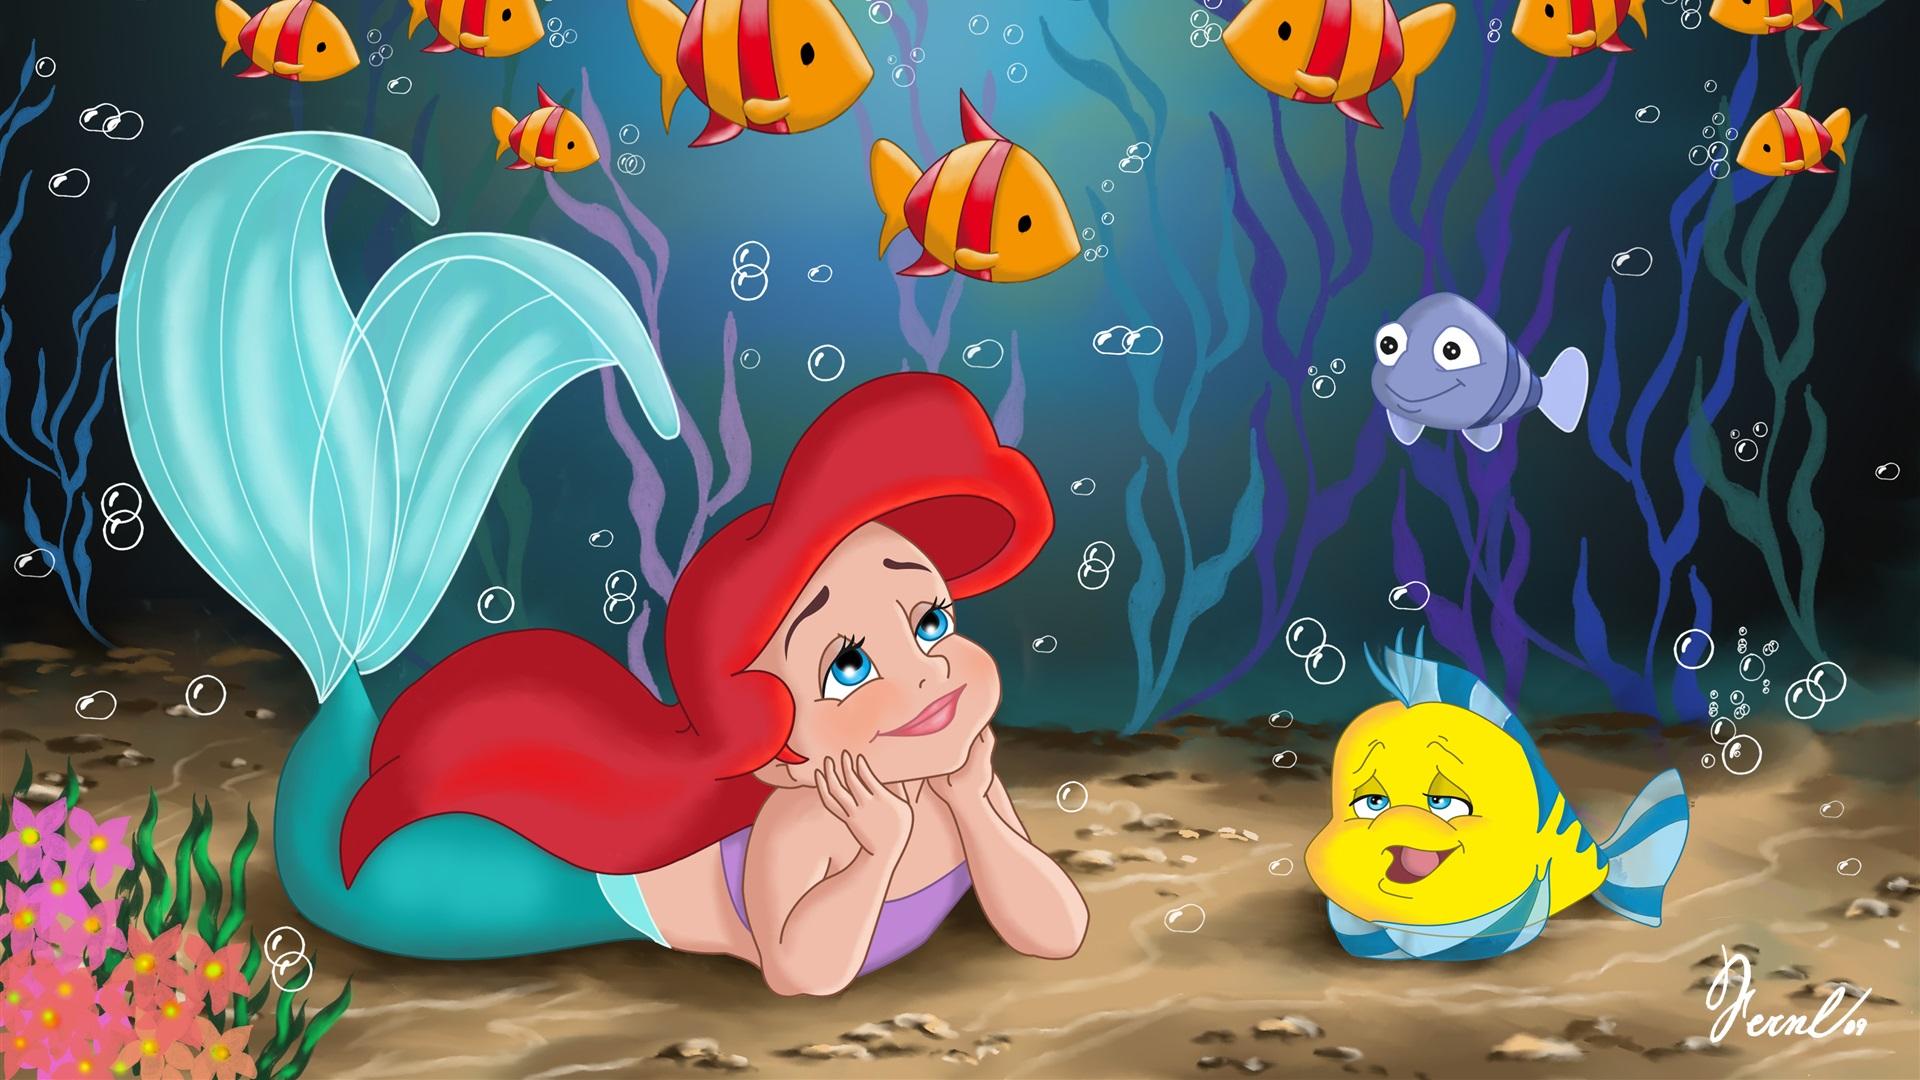 壁紙 リトルマーメイドと黄色の魚 ディズニーのアニメ映画 3840x2160